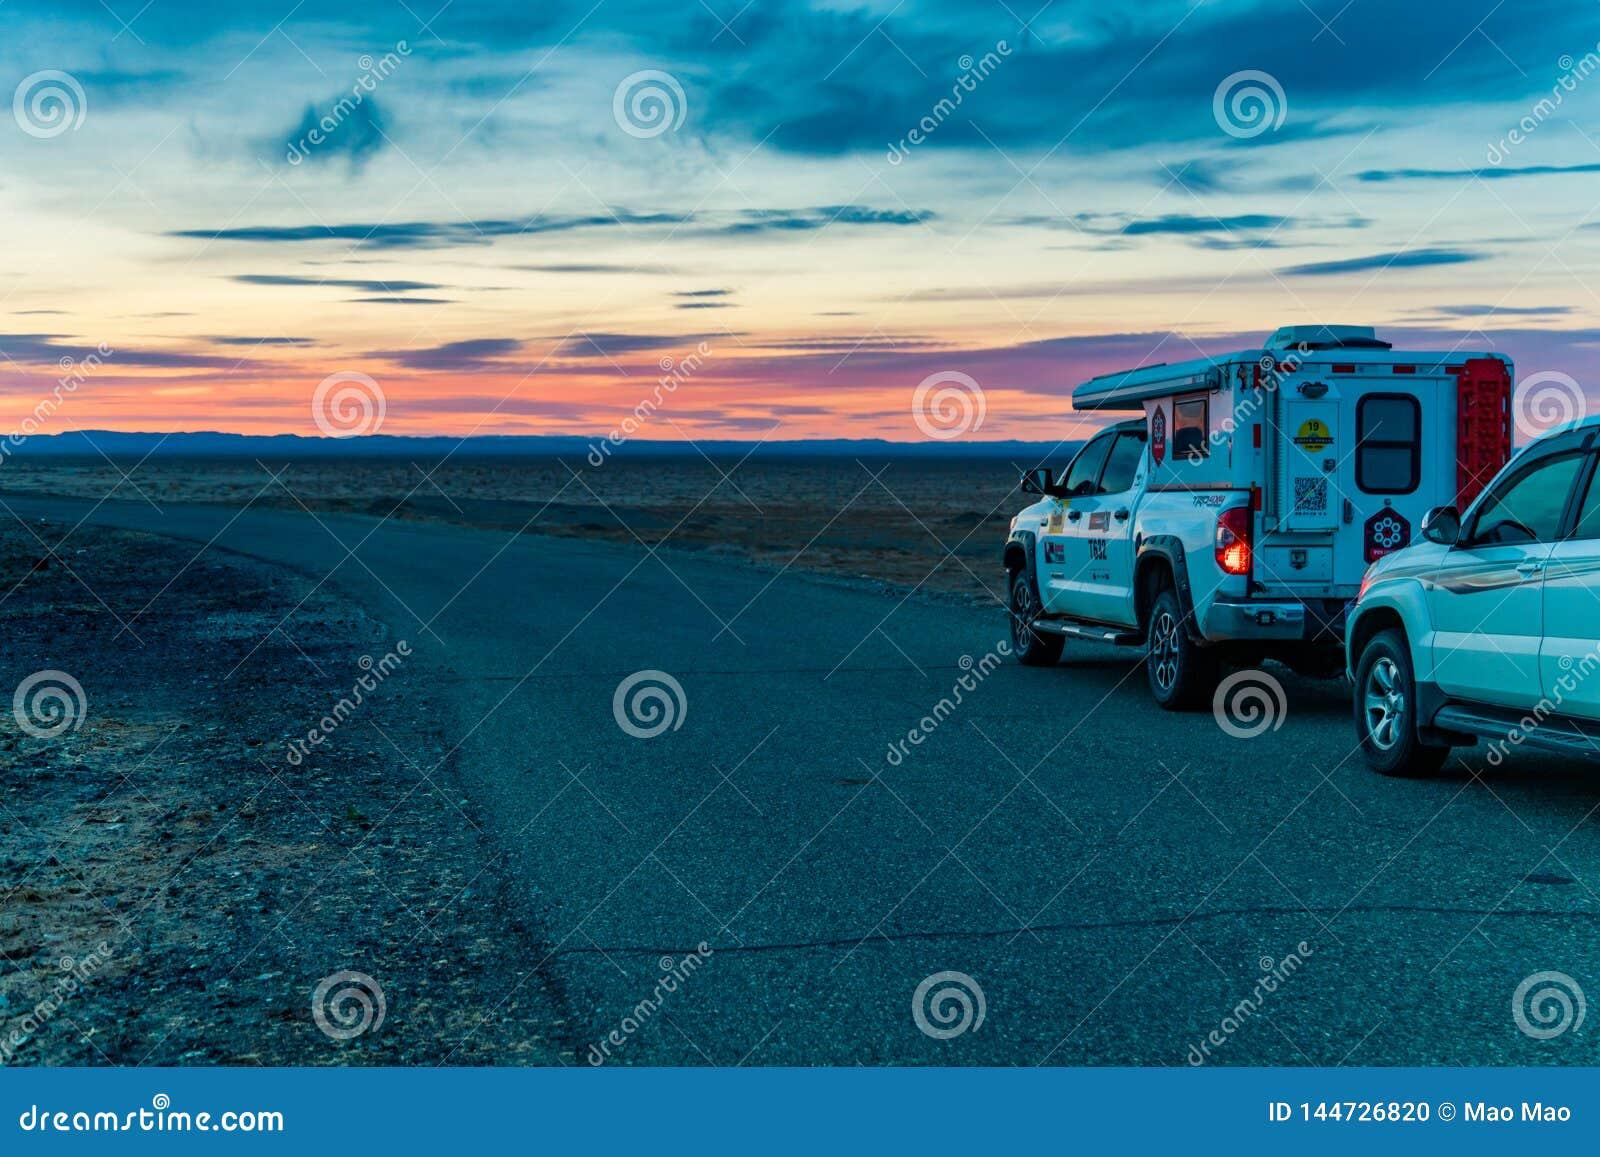 Innere Mongolei, China, Mrz 28,2017, fahrend durch Wüste bei Sonnenuntergang